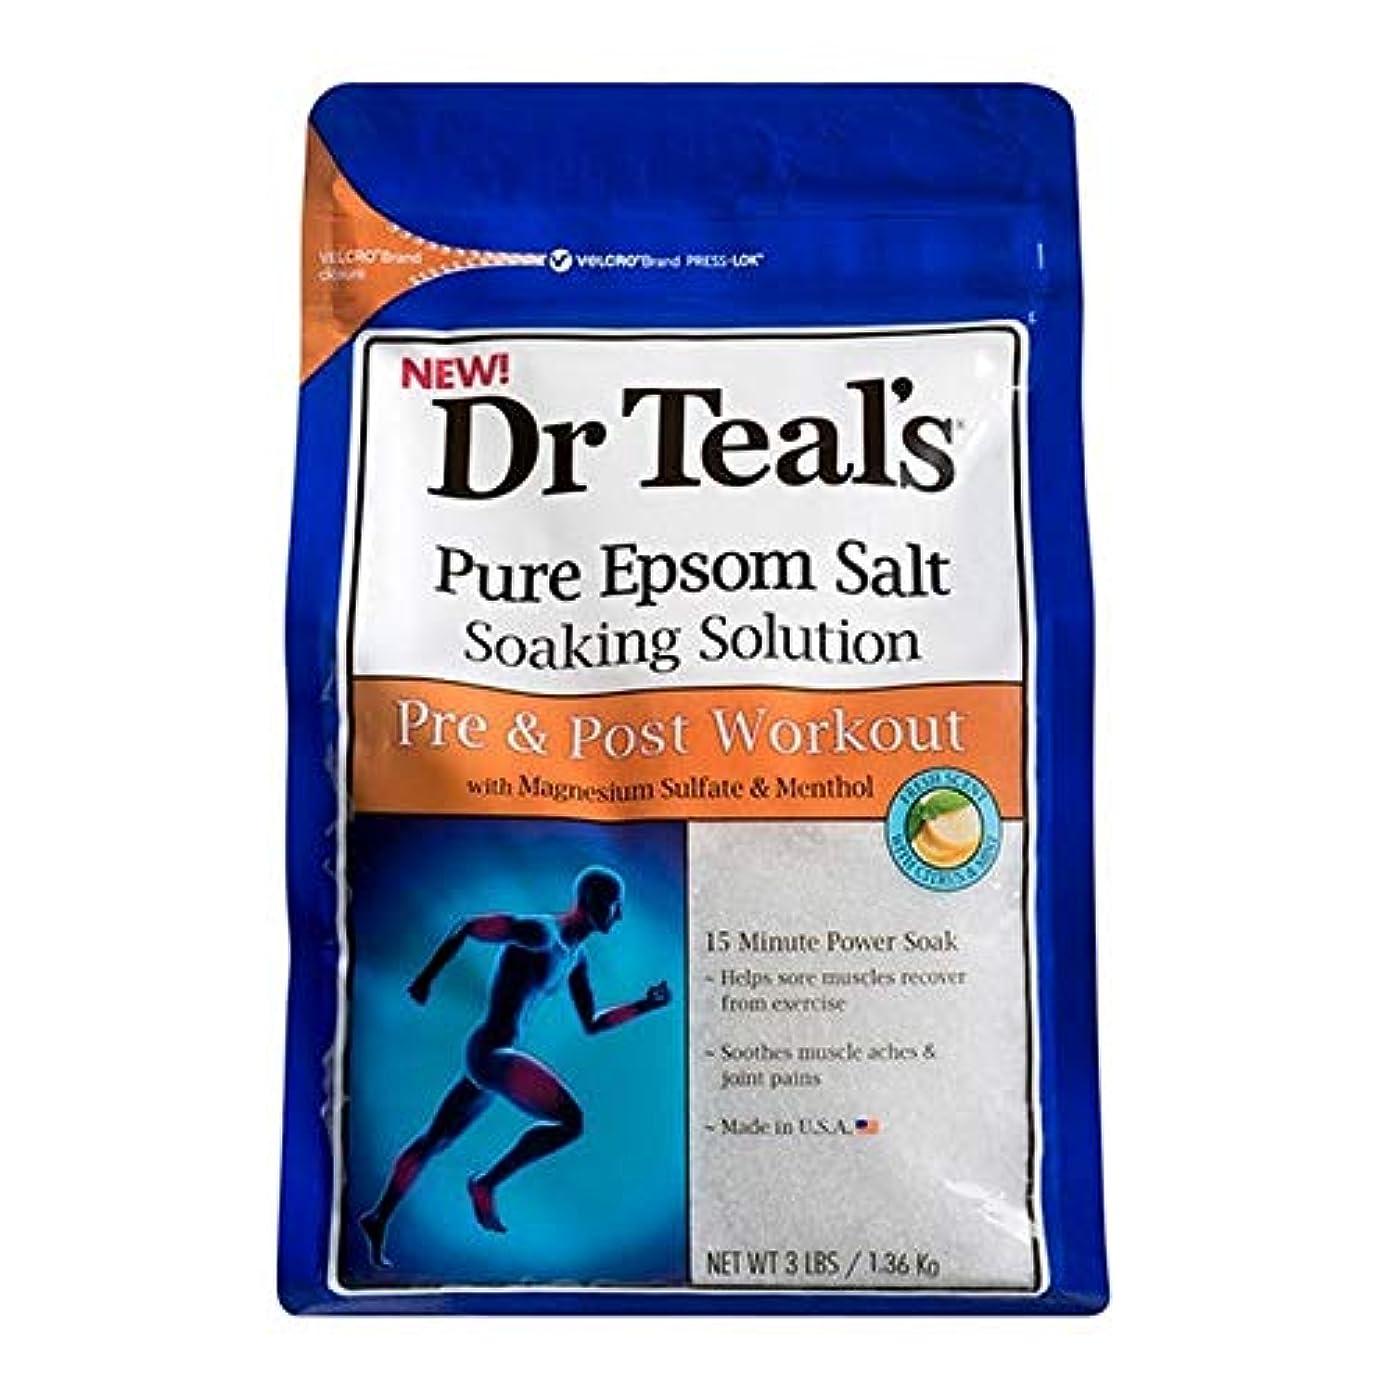 テラス過敏なアサー[Dr Teals] Drのティールの均熱Bathsalt前N個のポストワークアウト1.36キロ - Dr Teal's Soaking Bathsalt Pre N Post Workout 1.36 kg [並行輸入品]